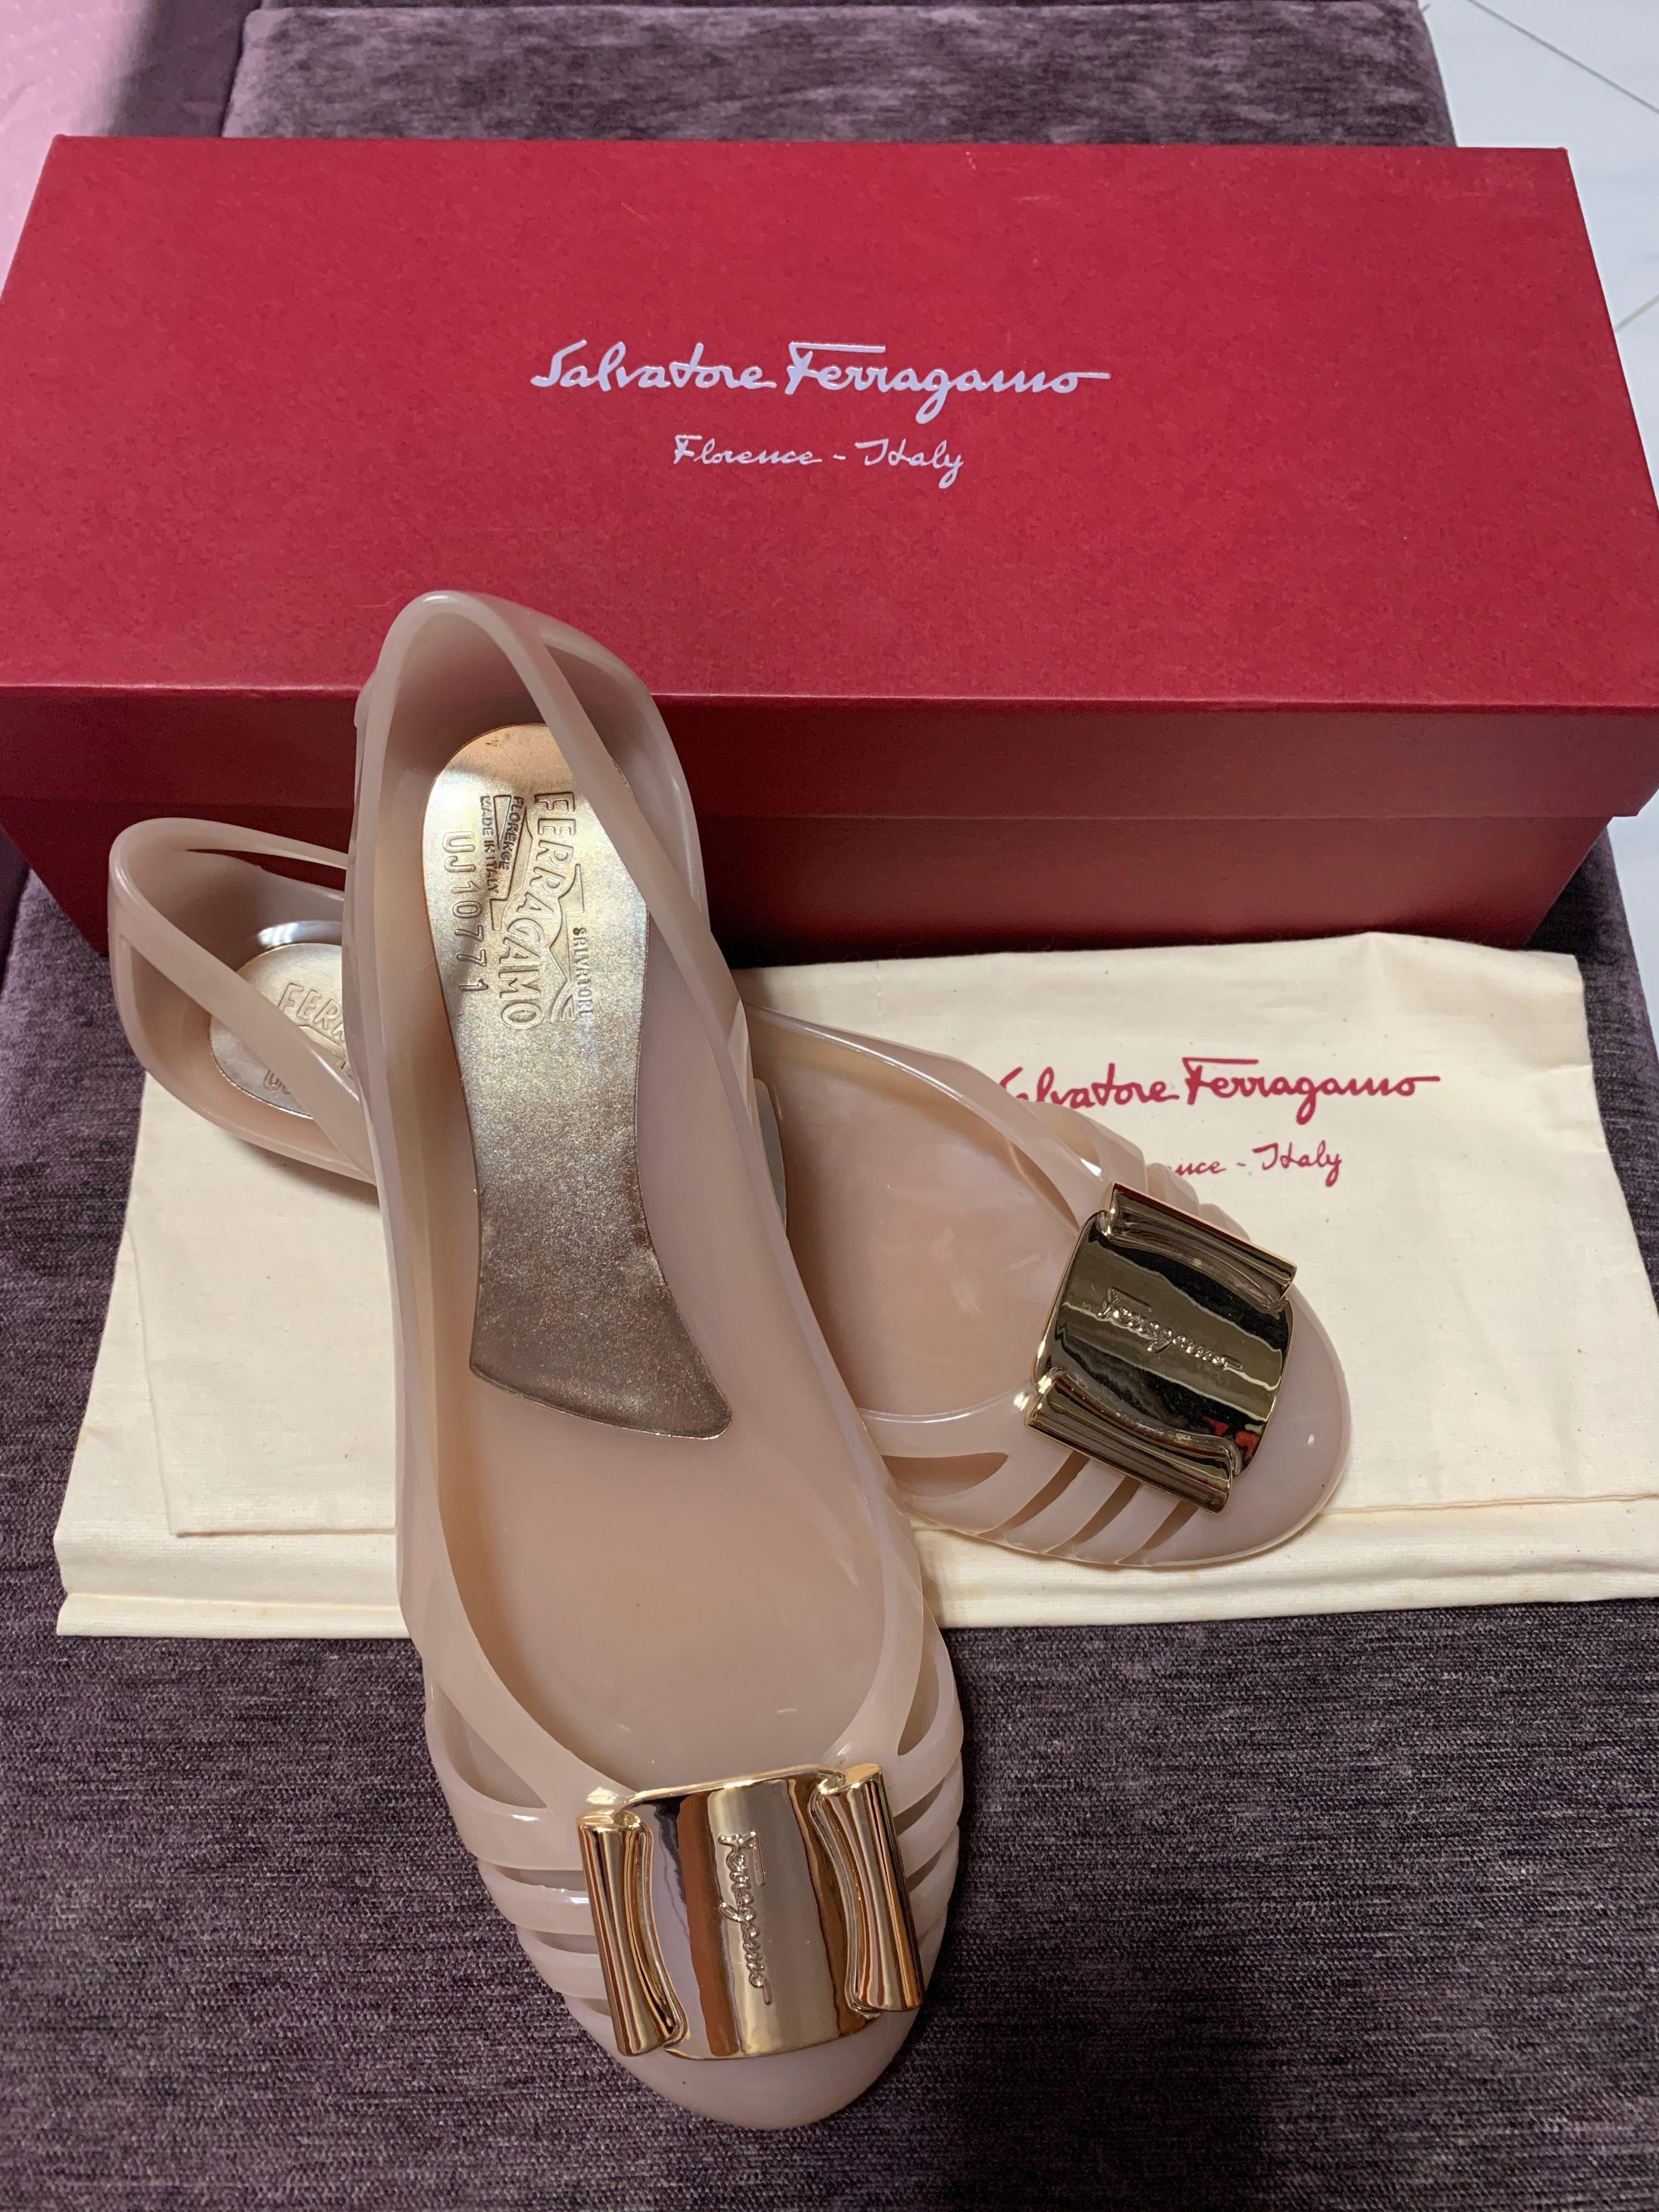 Salvatore Ferragamo Bermuda Jelly Shoe